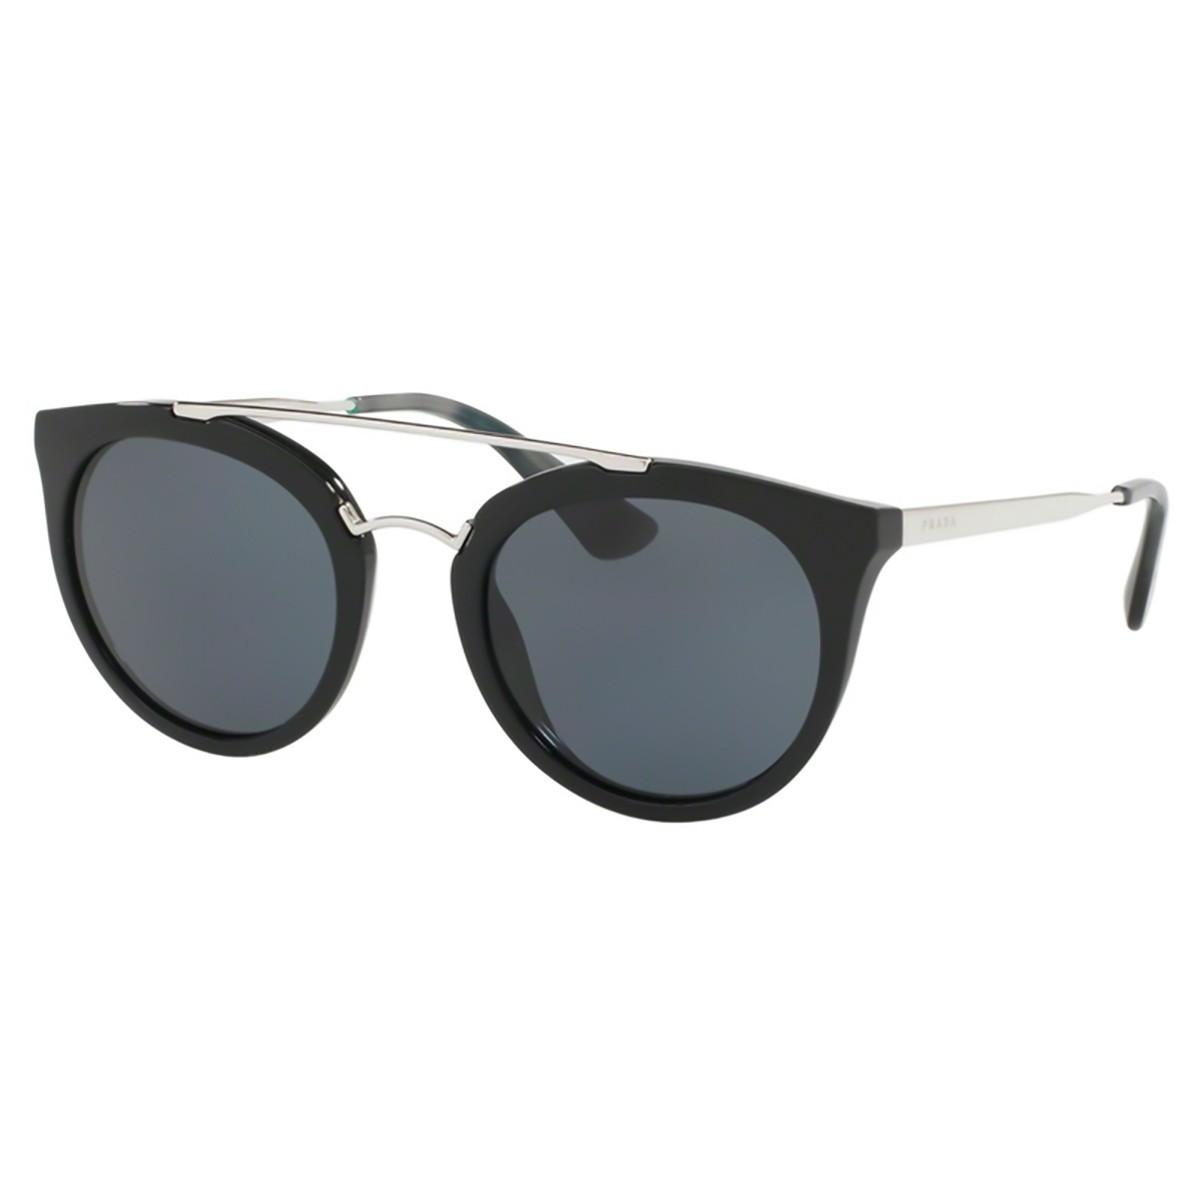 dc62c9995 Compre Óculos de Sol Prada em 10X | Tri-Jóia Shop